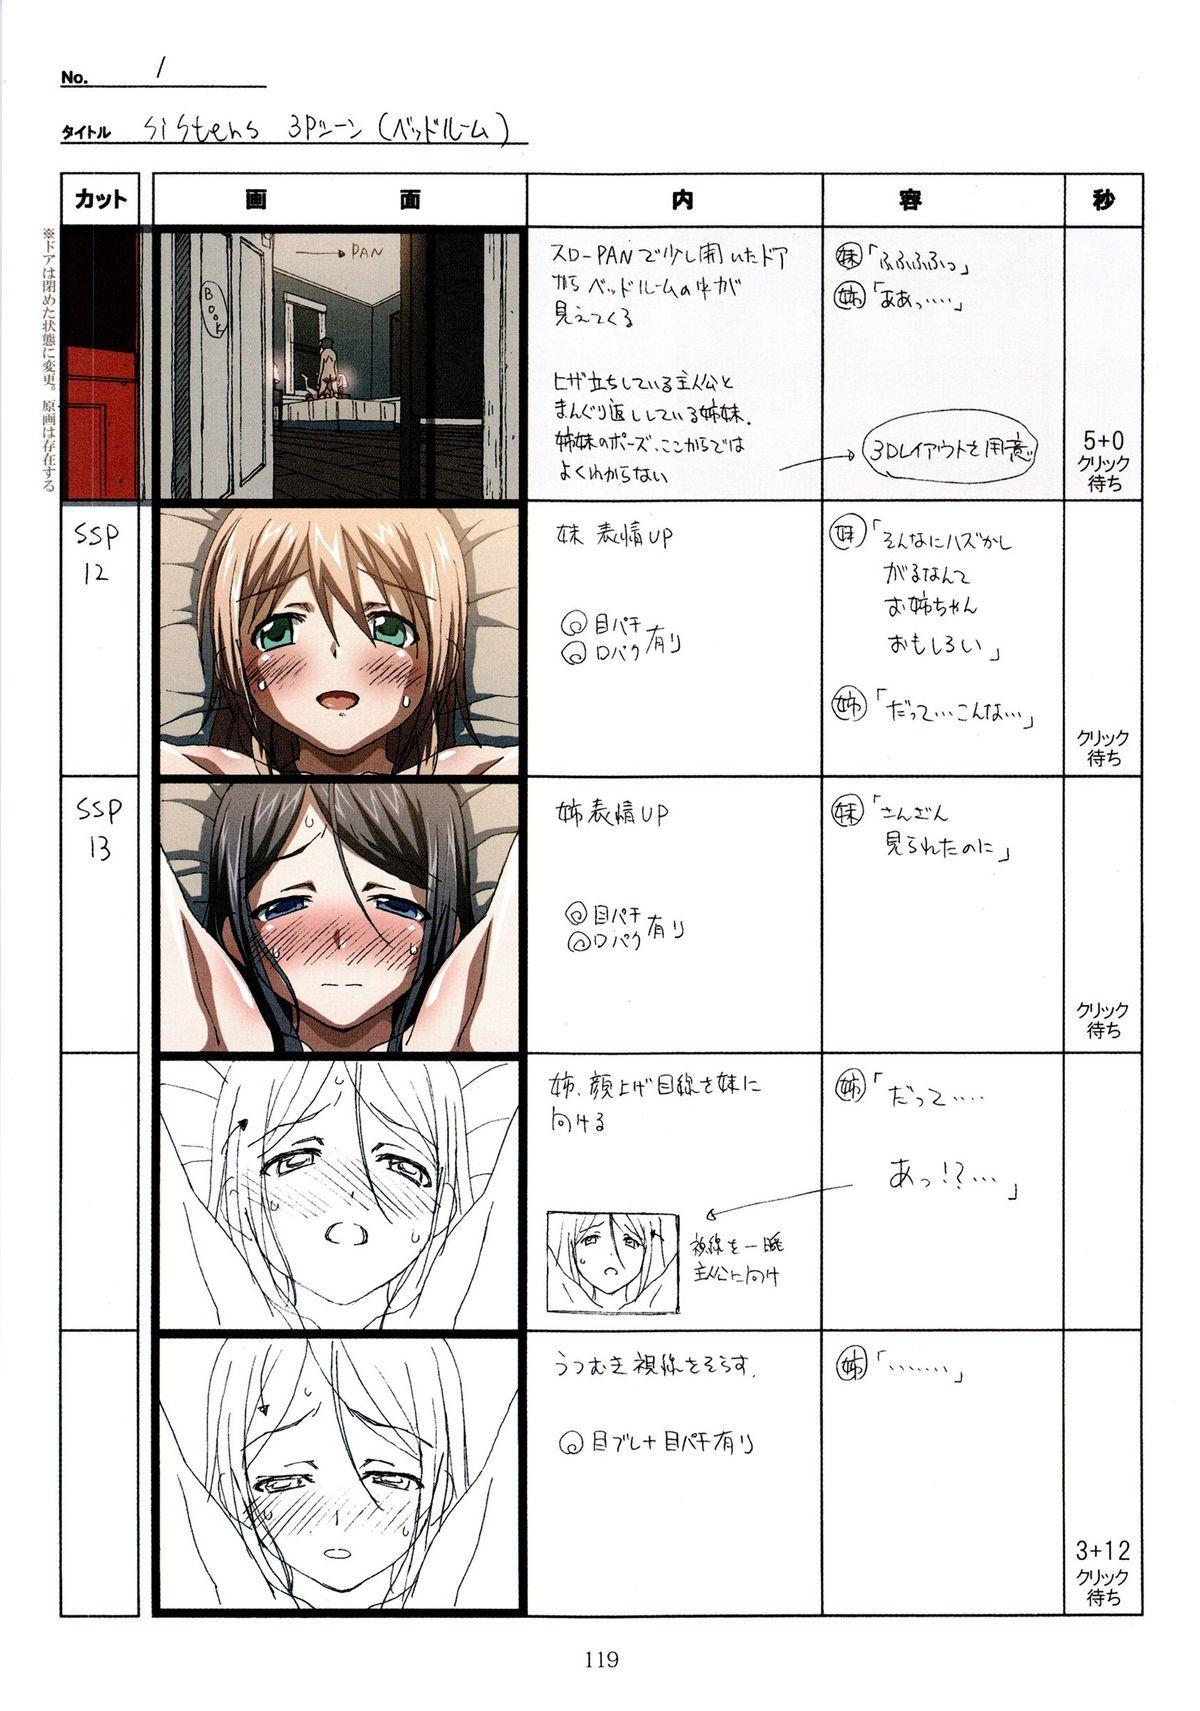 (C89) [Makino Jimusho (Taki Minashika)] SISTERS -Natsu no Saigo no Hi- H Scene All Part Storyboard (SISTERS -Natsu no Saigo no Hi-) 118